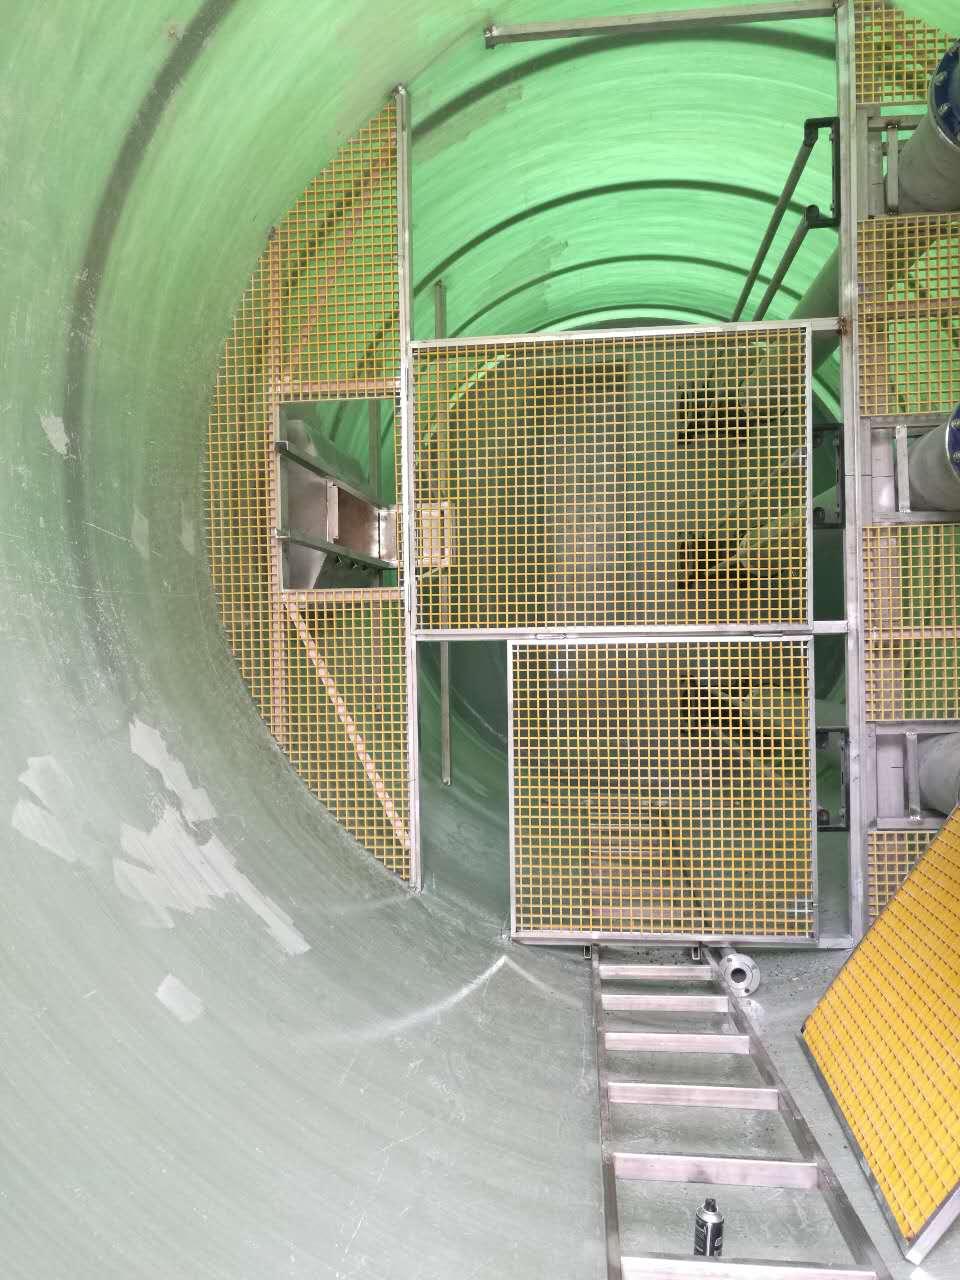 球吧网直播手机厂家找球吧网直播手机,专业制作,咨询热线0771-3903136